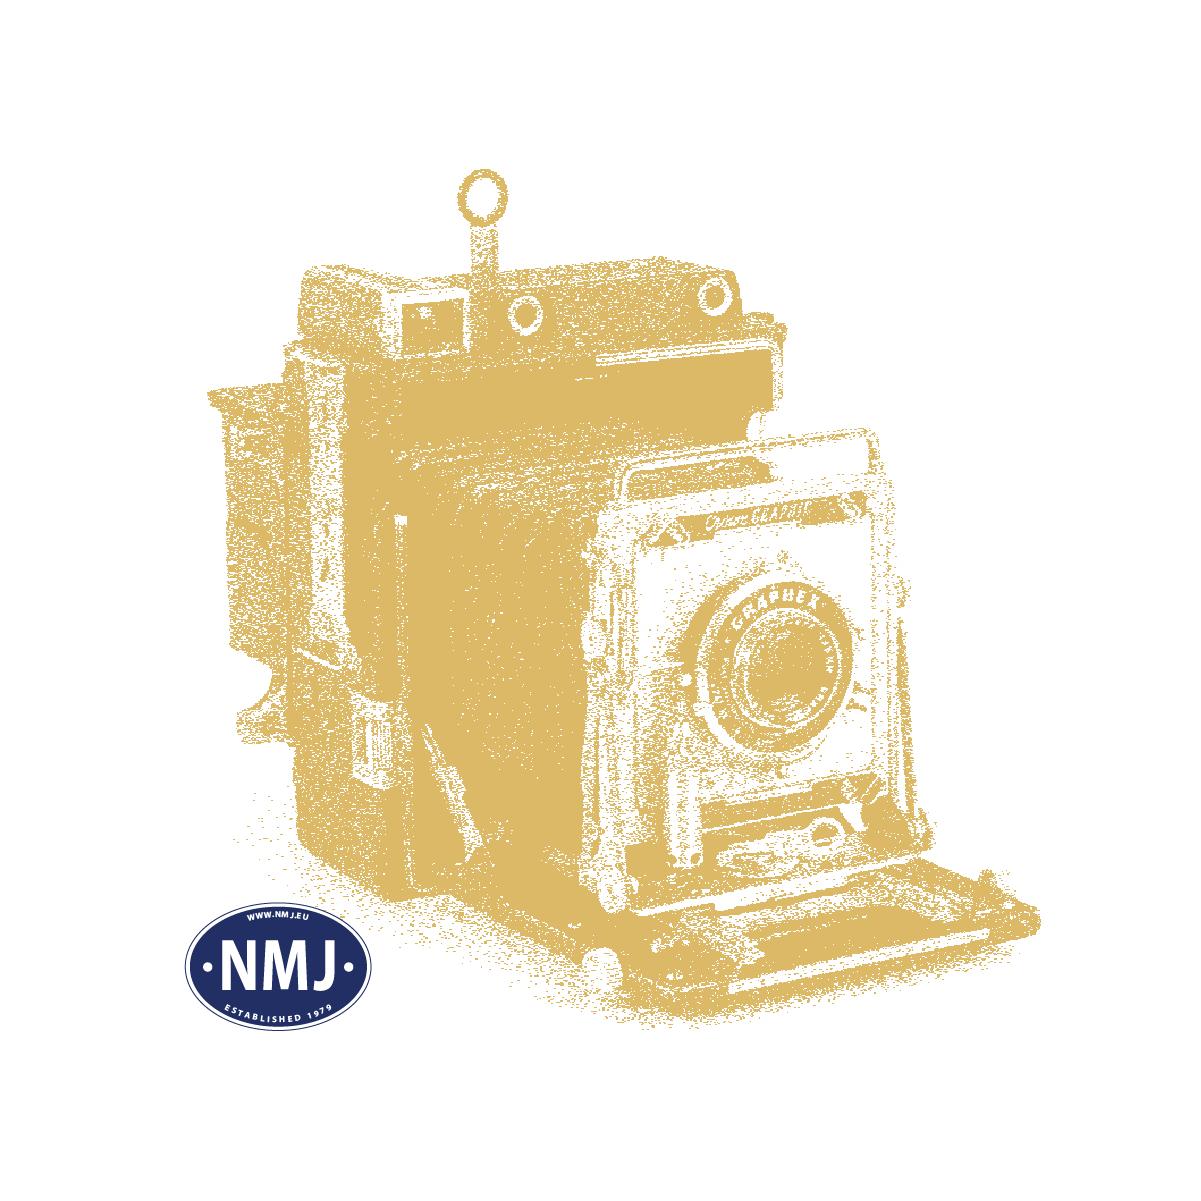 NOC07022 - XL Gresstuster, 42 Stk, Grønn